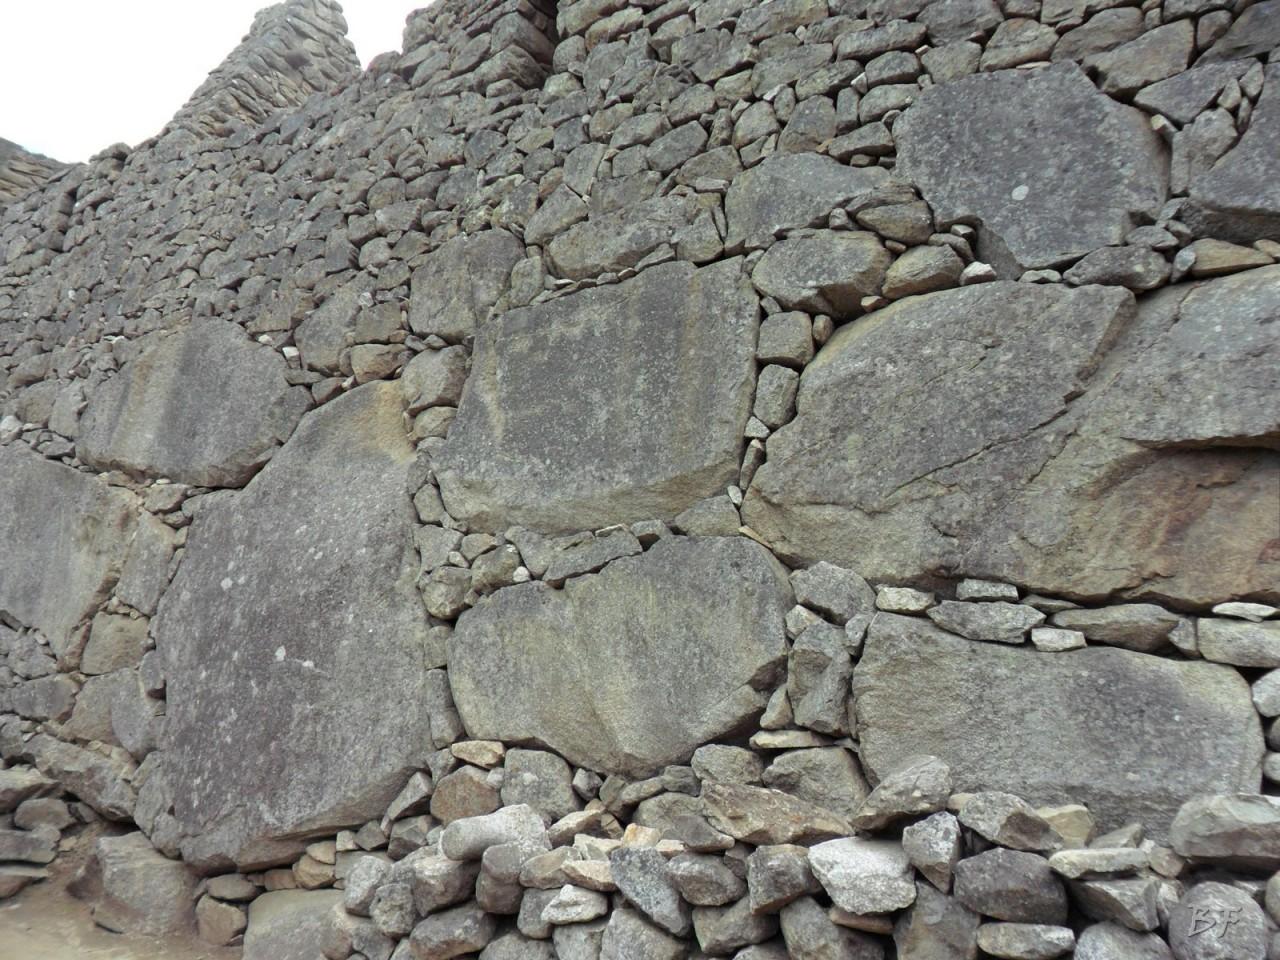 Mura-Poligonali-Incisioni-Altari-Edifici-Rupestri-Megaliti-Machu-Picchu-Aguas-Calientes-Urubamba-Cusco-Perù-87